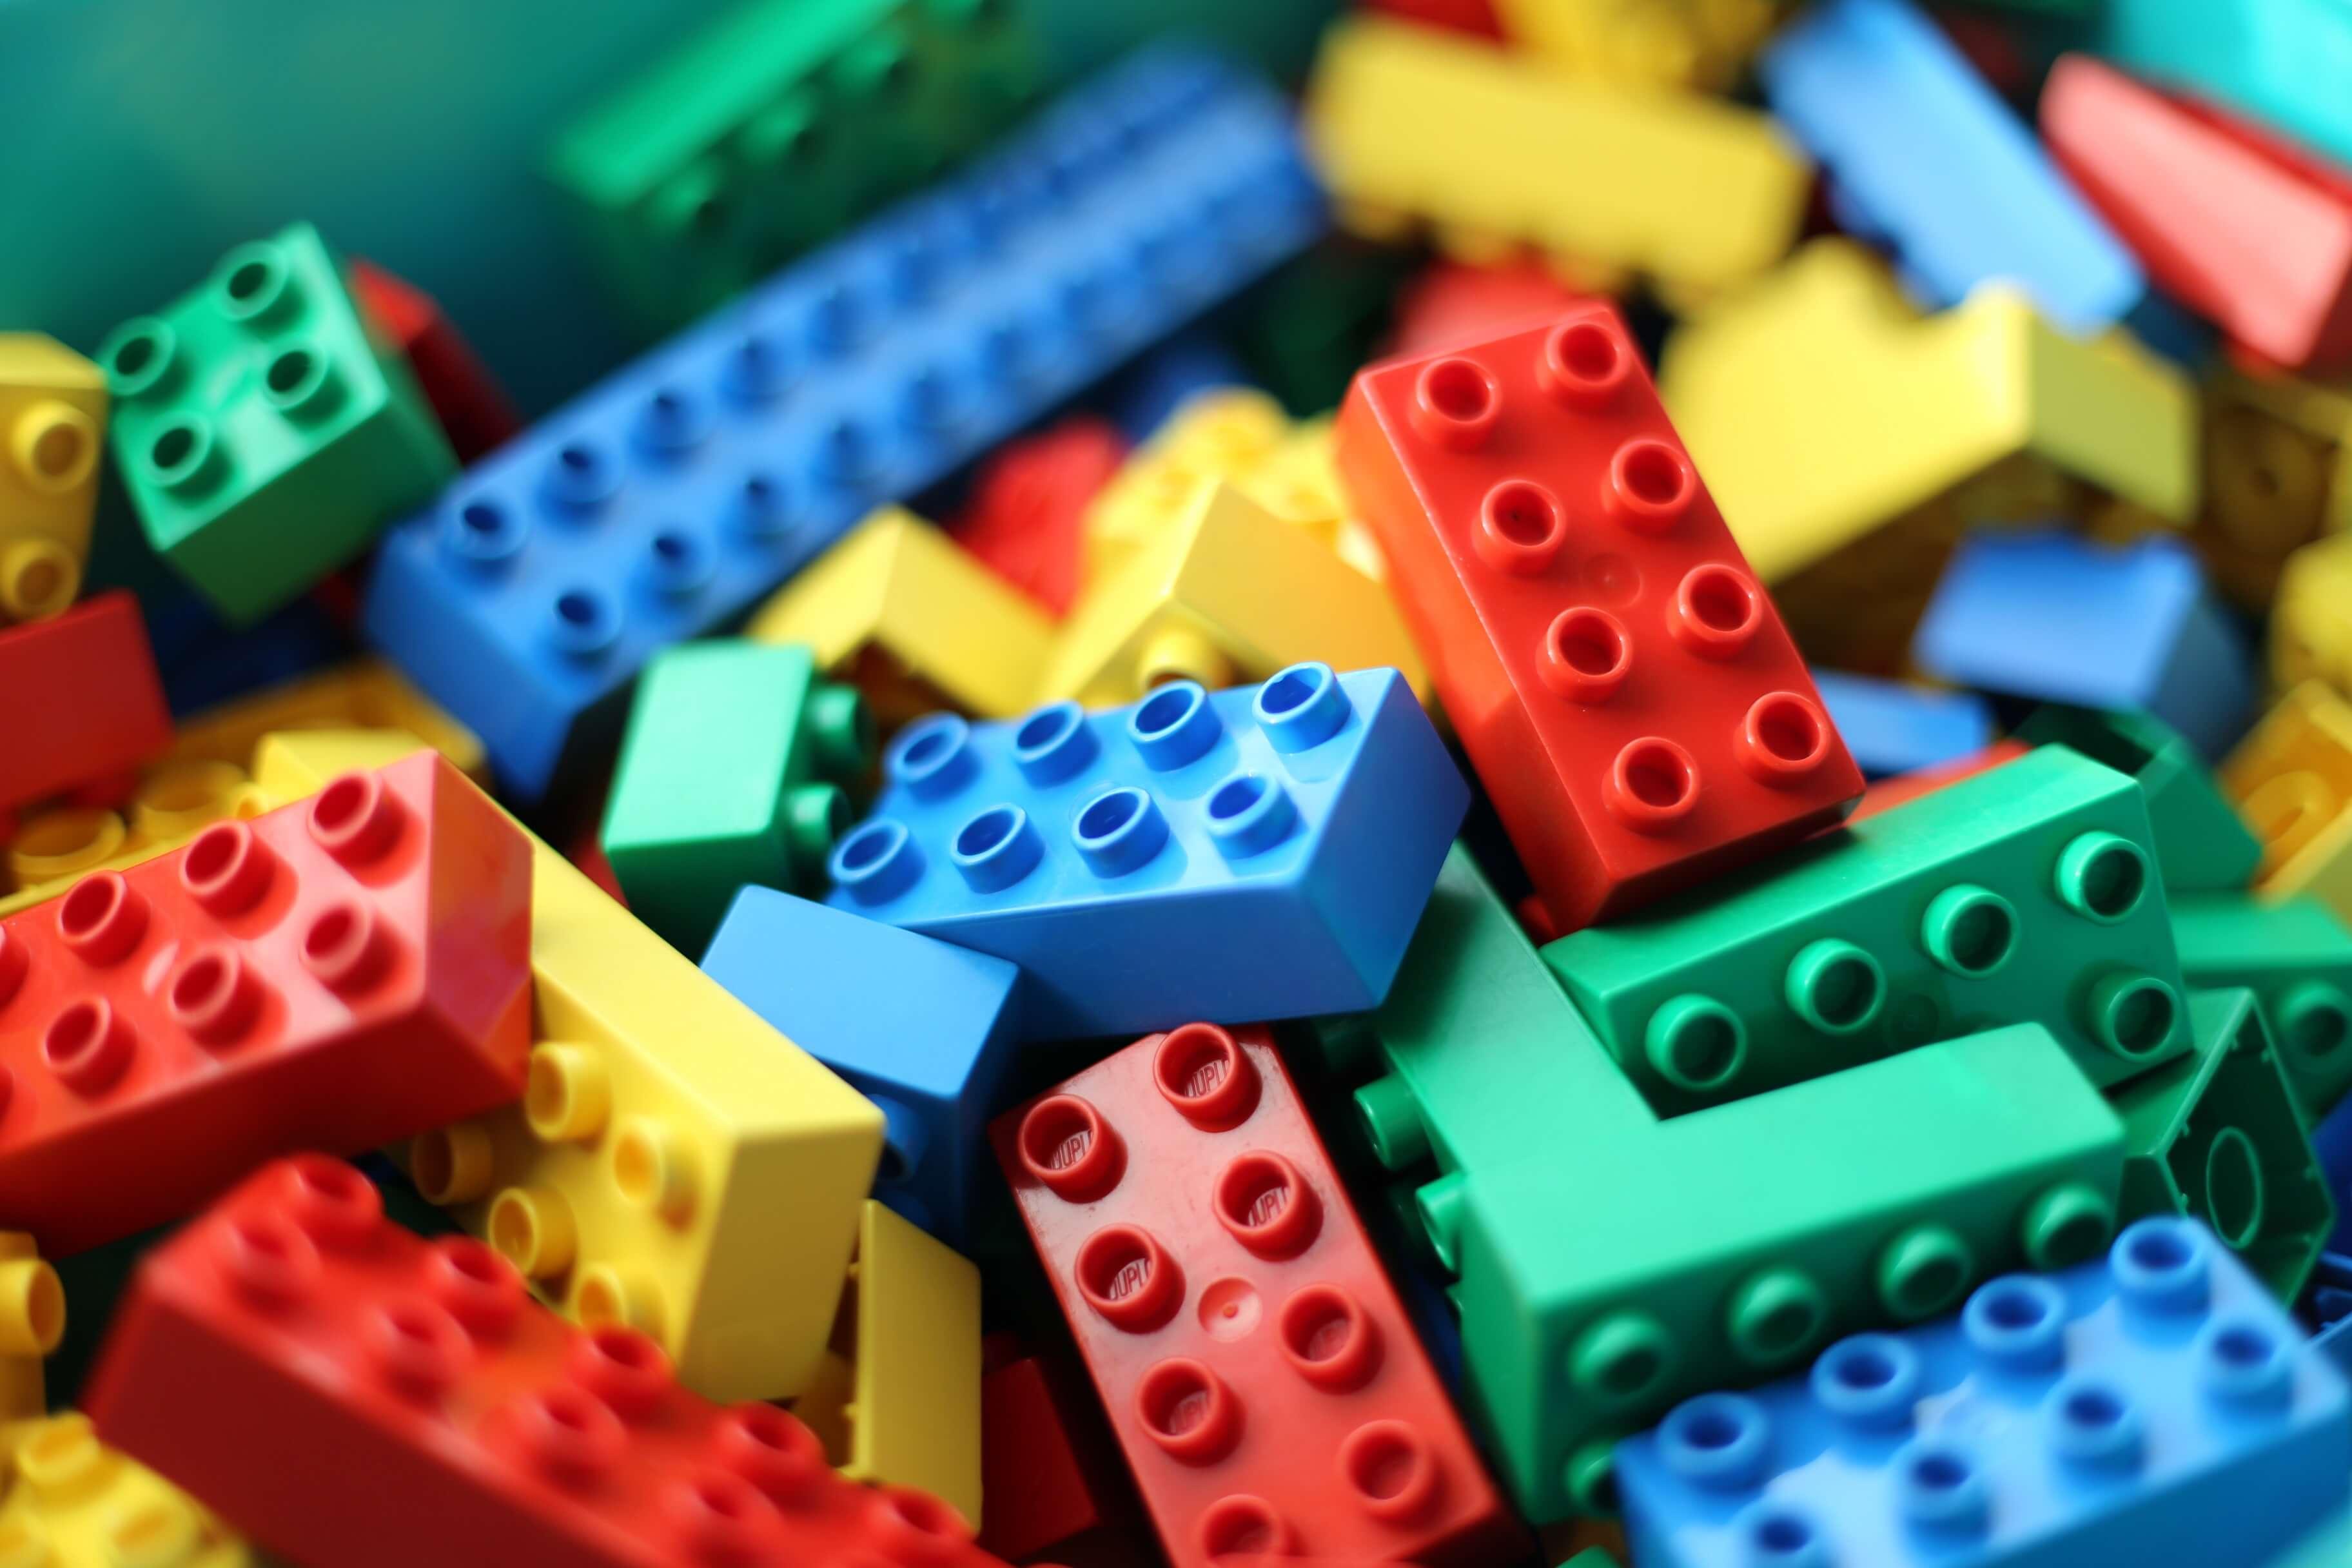 Muchas piezas de lego juntas